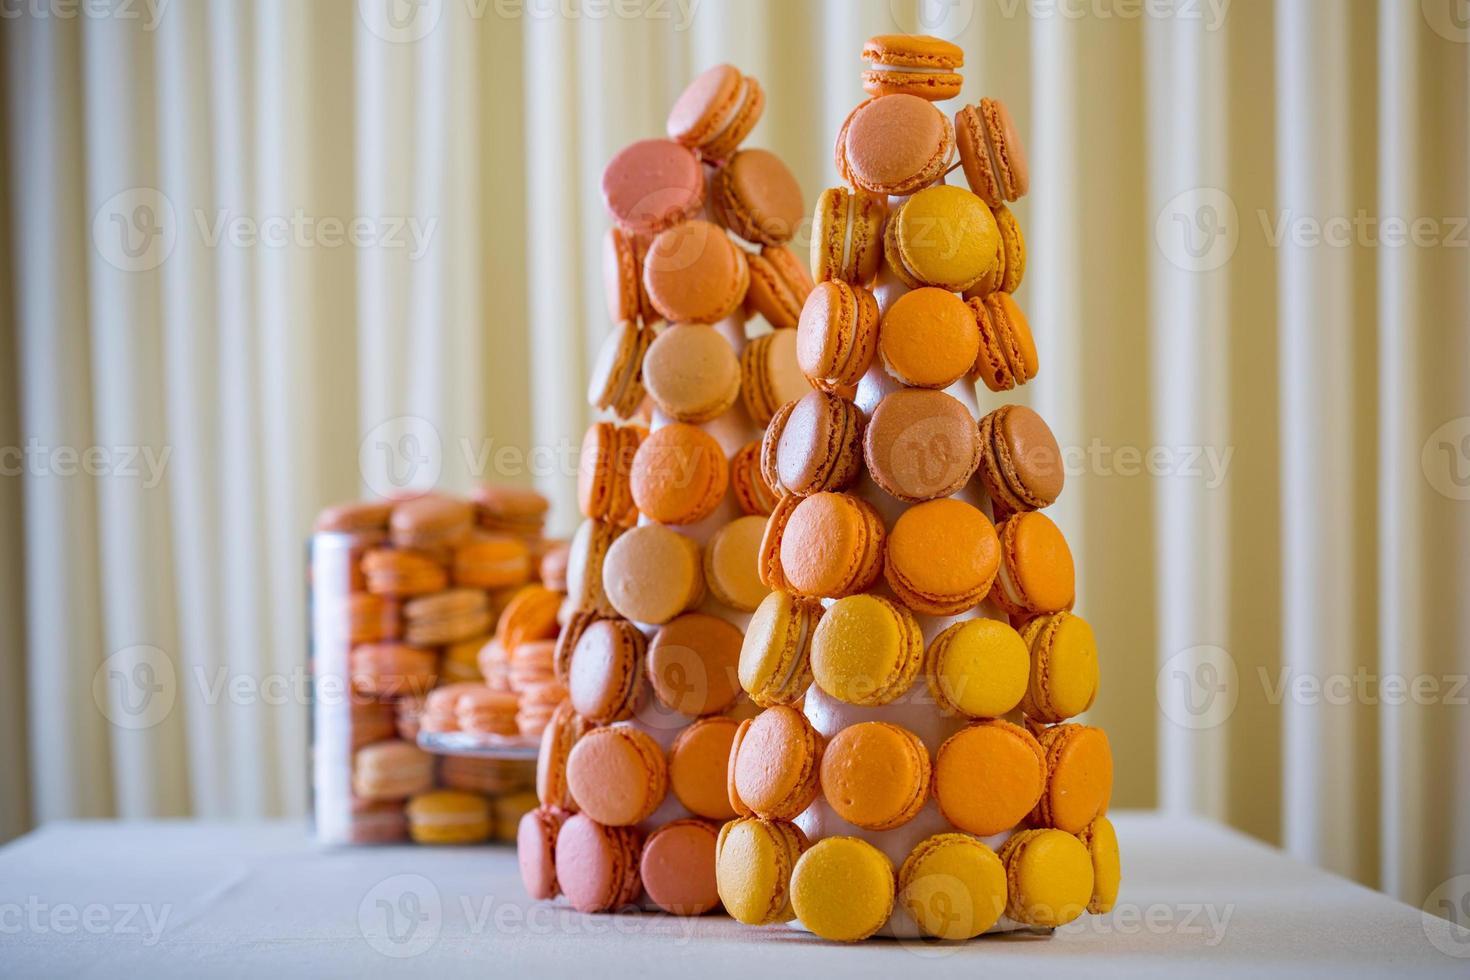 macaron - confiserie à base de meringue sucrée photo